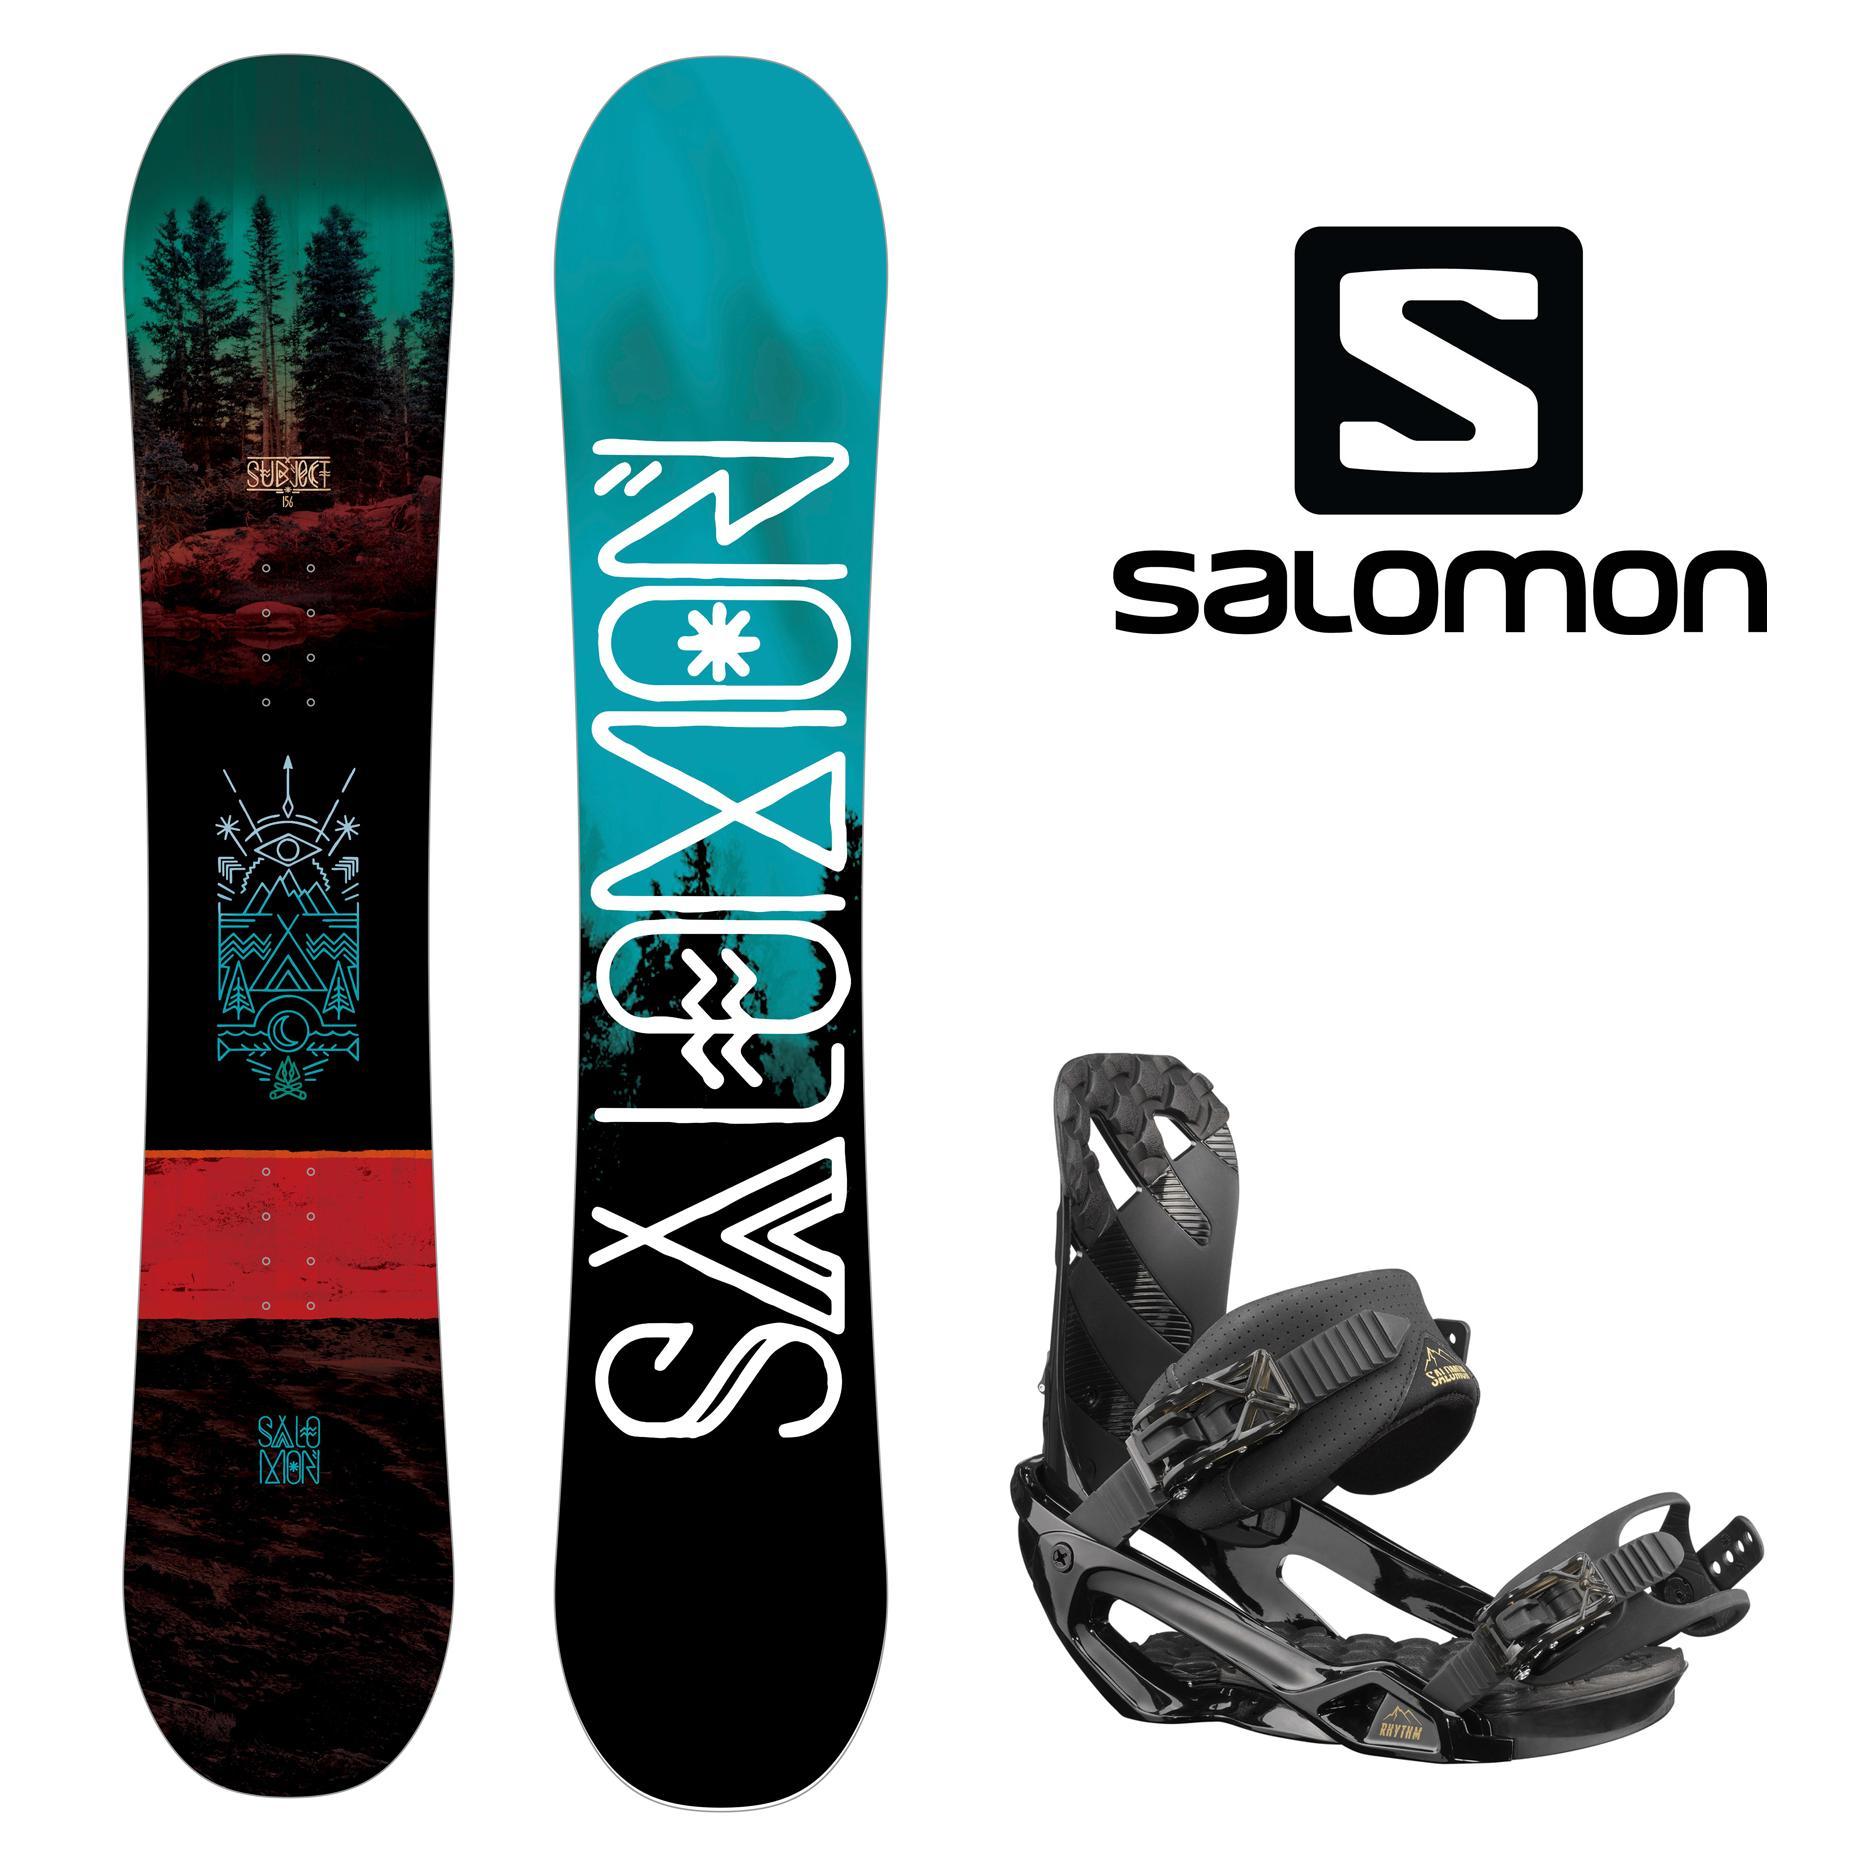 637de1f7126f Комплект Salomon Сноуборд + крепления (мужской) - купить недорого ...